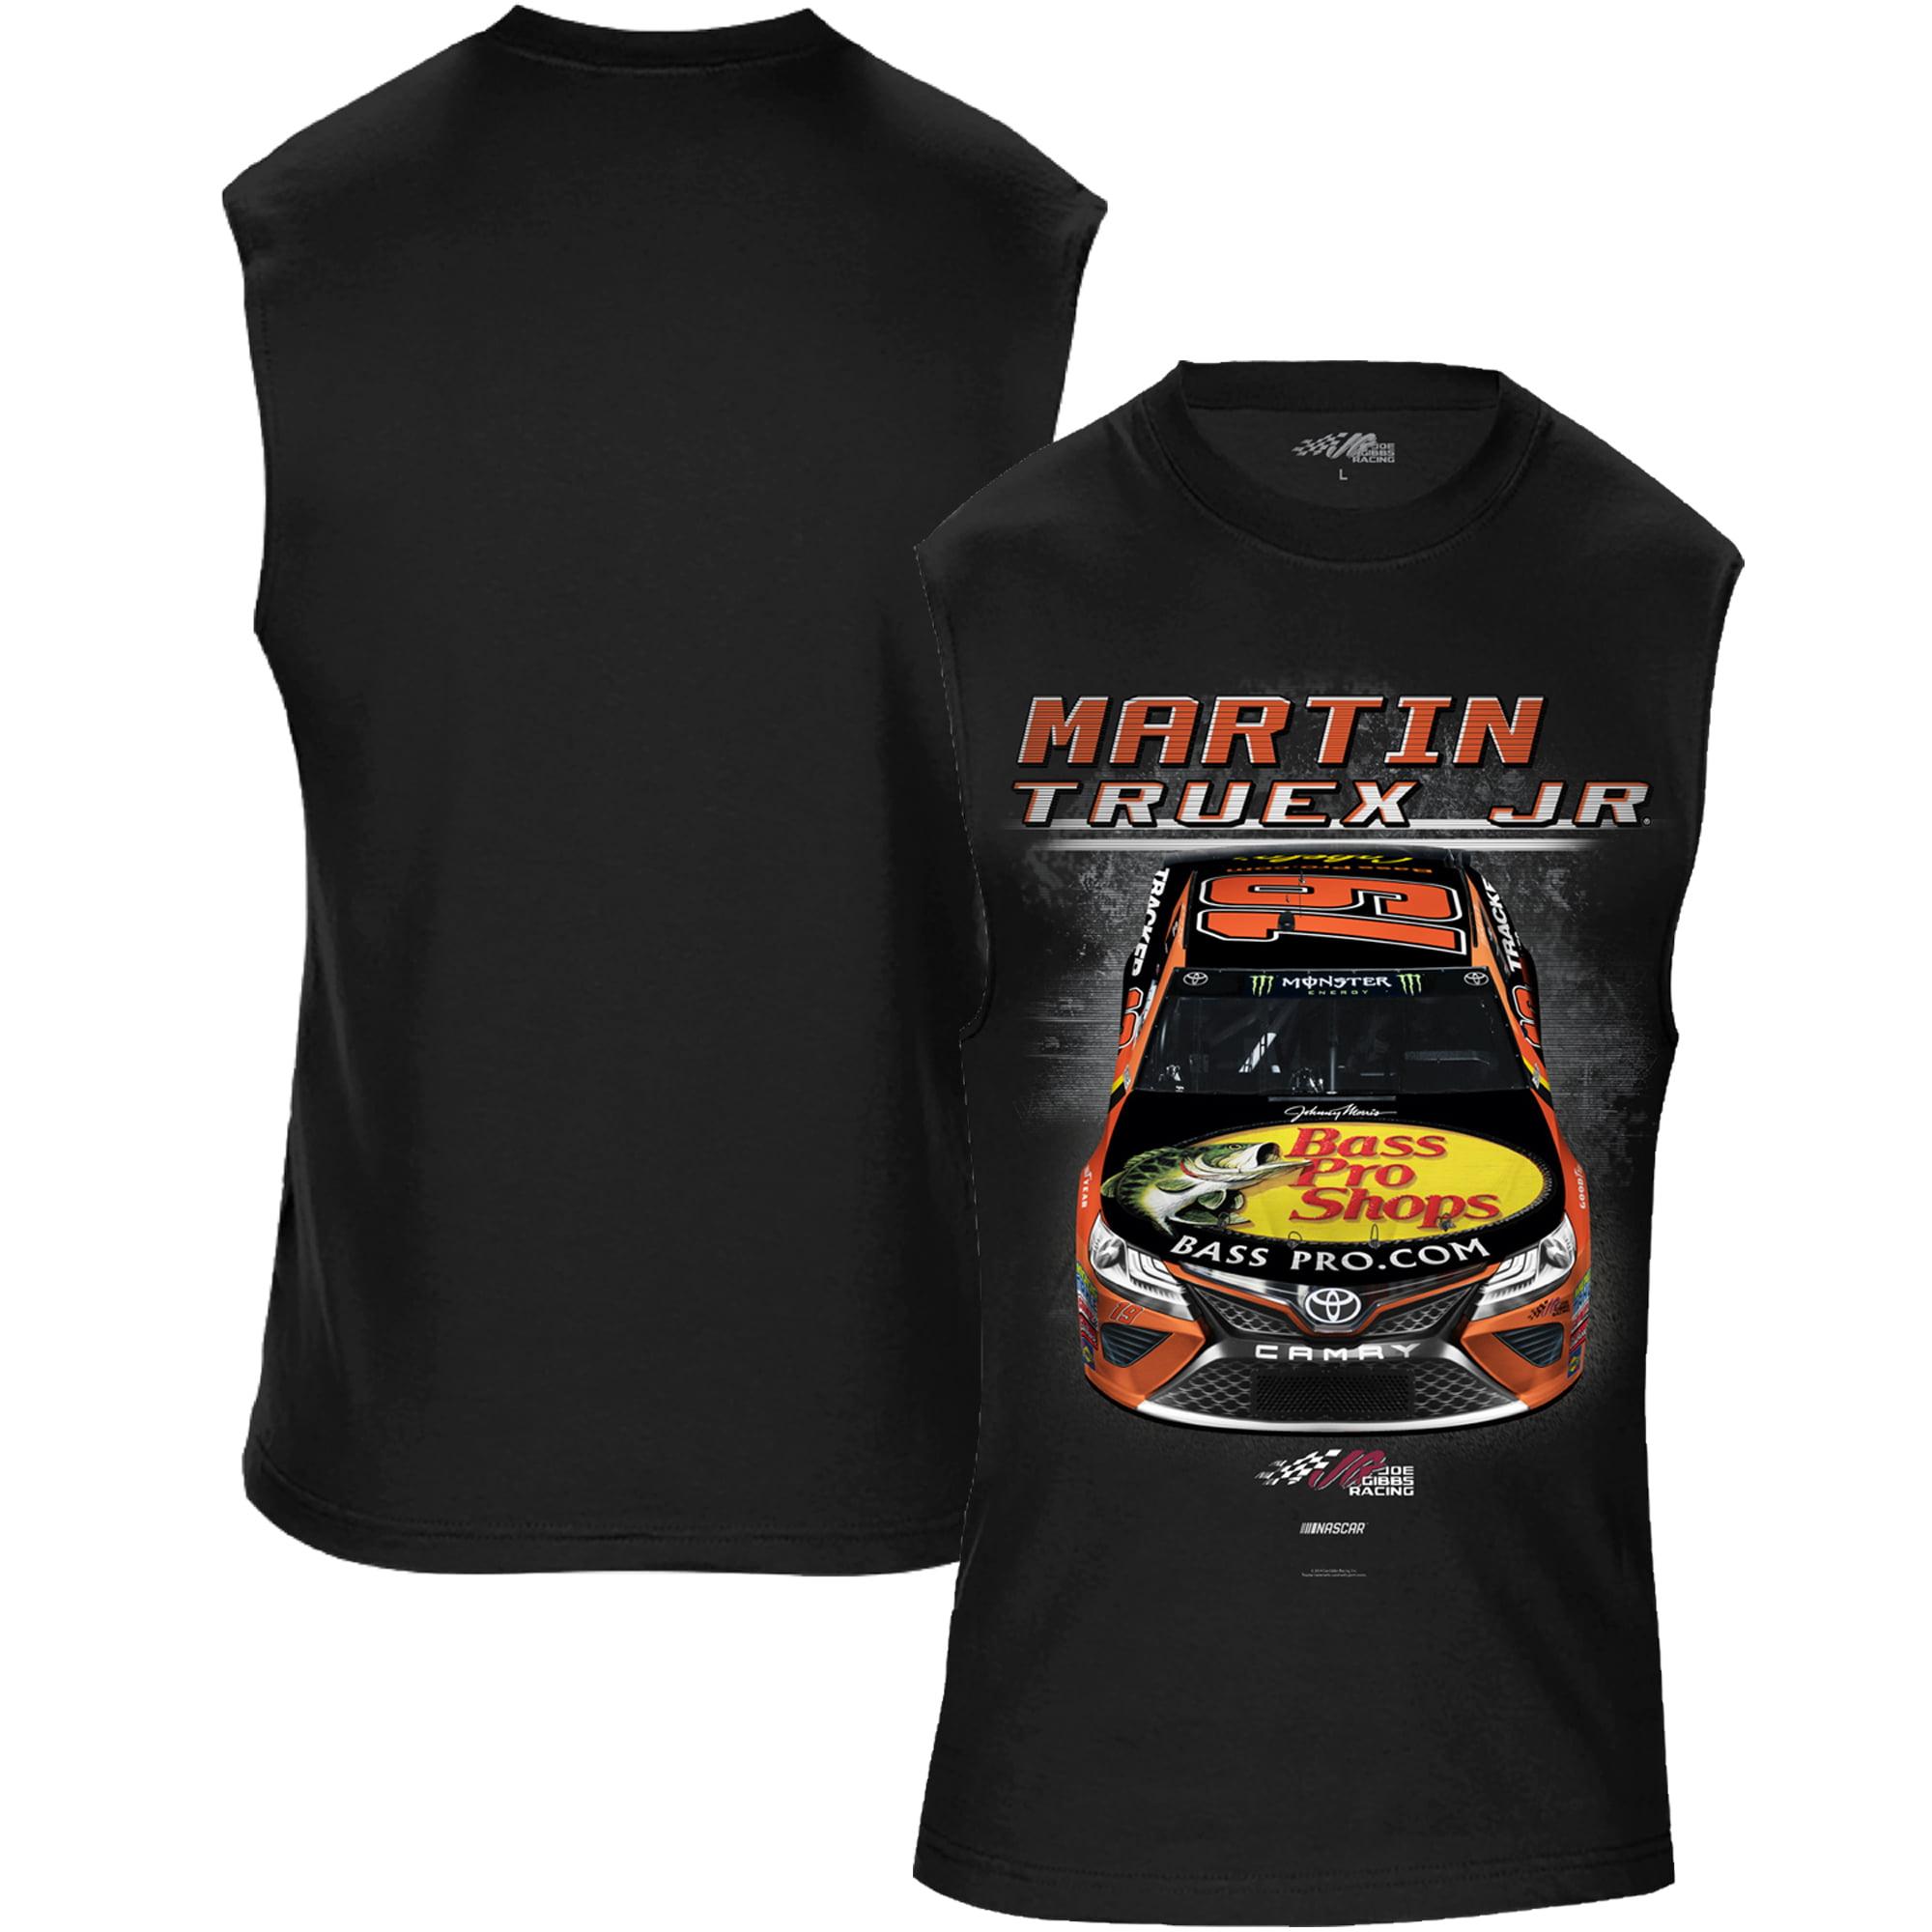 Martin Truex Jr Joe Gibbs Racing Team Collection Bass Pro Shops Muscle T-Shirt - Black